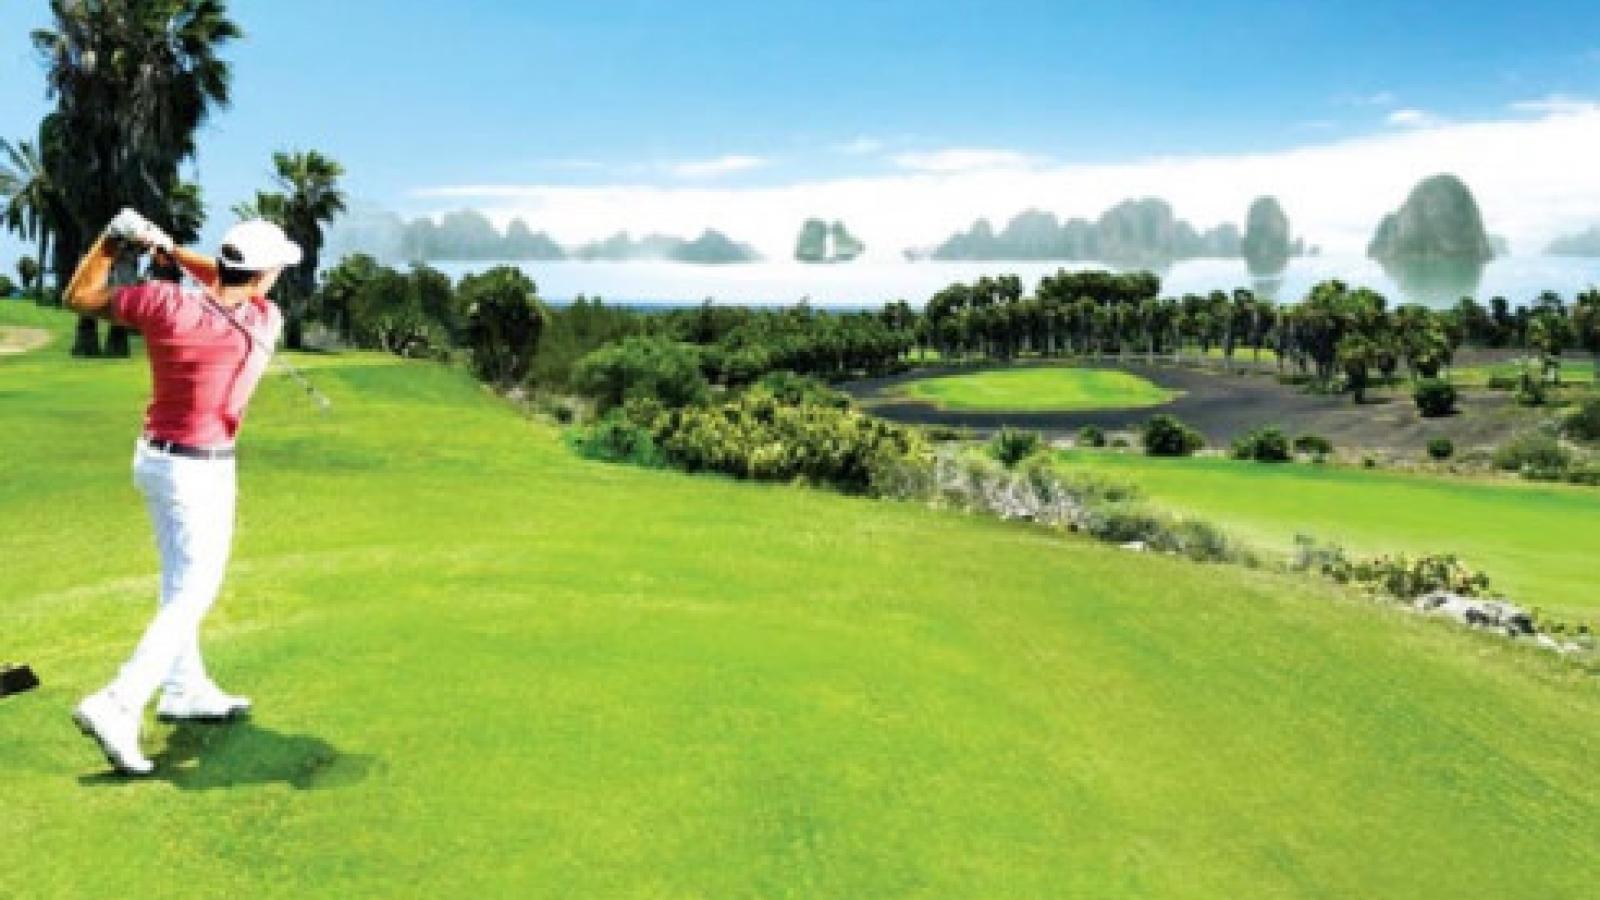 Vietnam-an emerging top destination for golf tourism